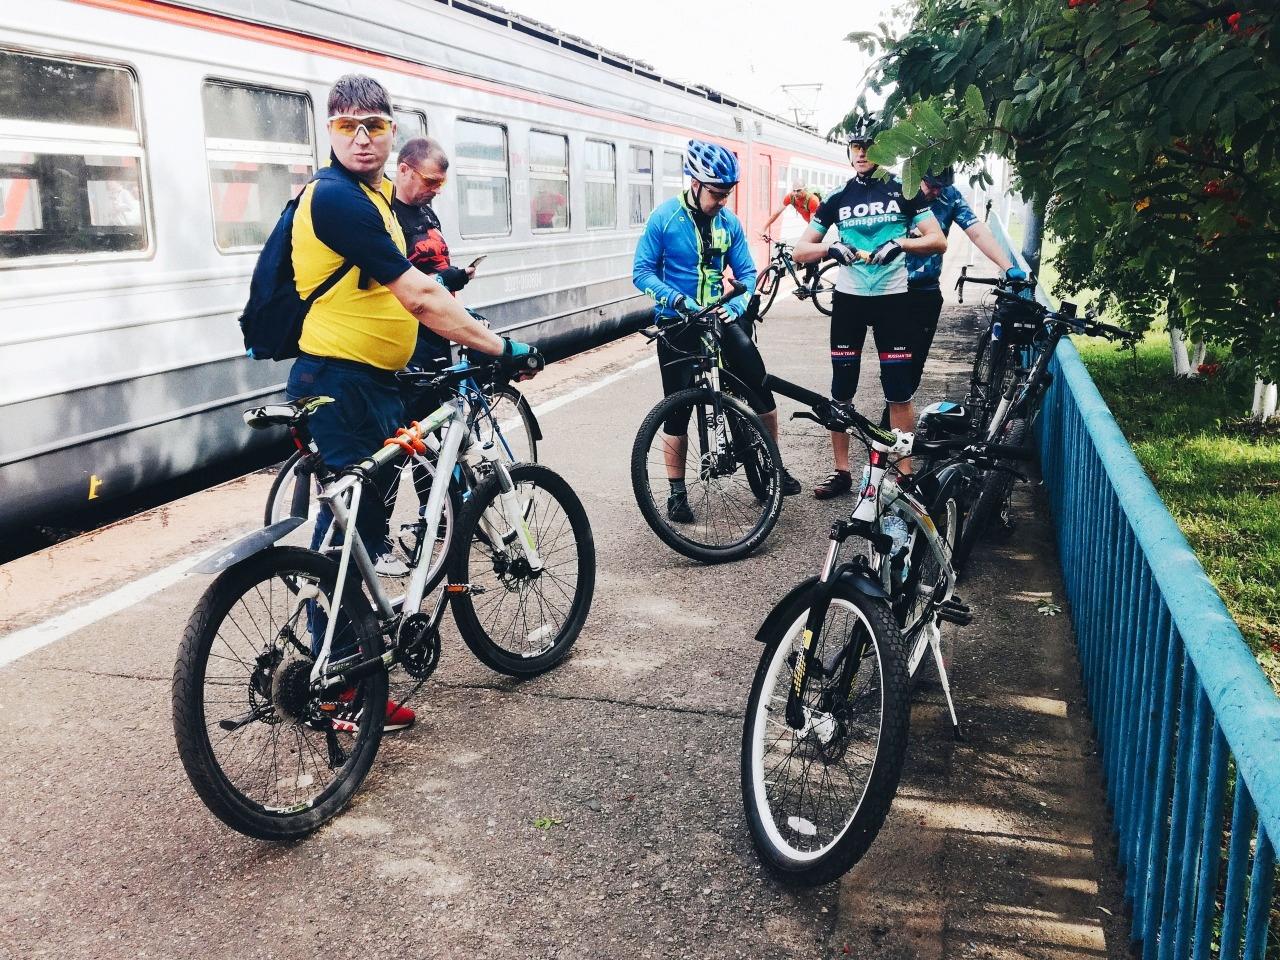 Любители активного отдыха смогут бесплатно провозить в пригородных поездах спортивный инвентарь